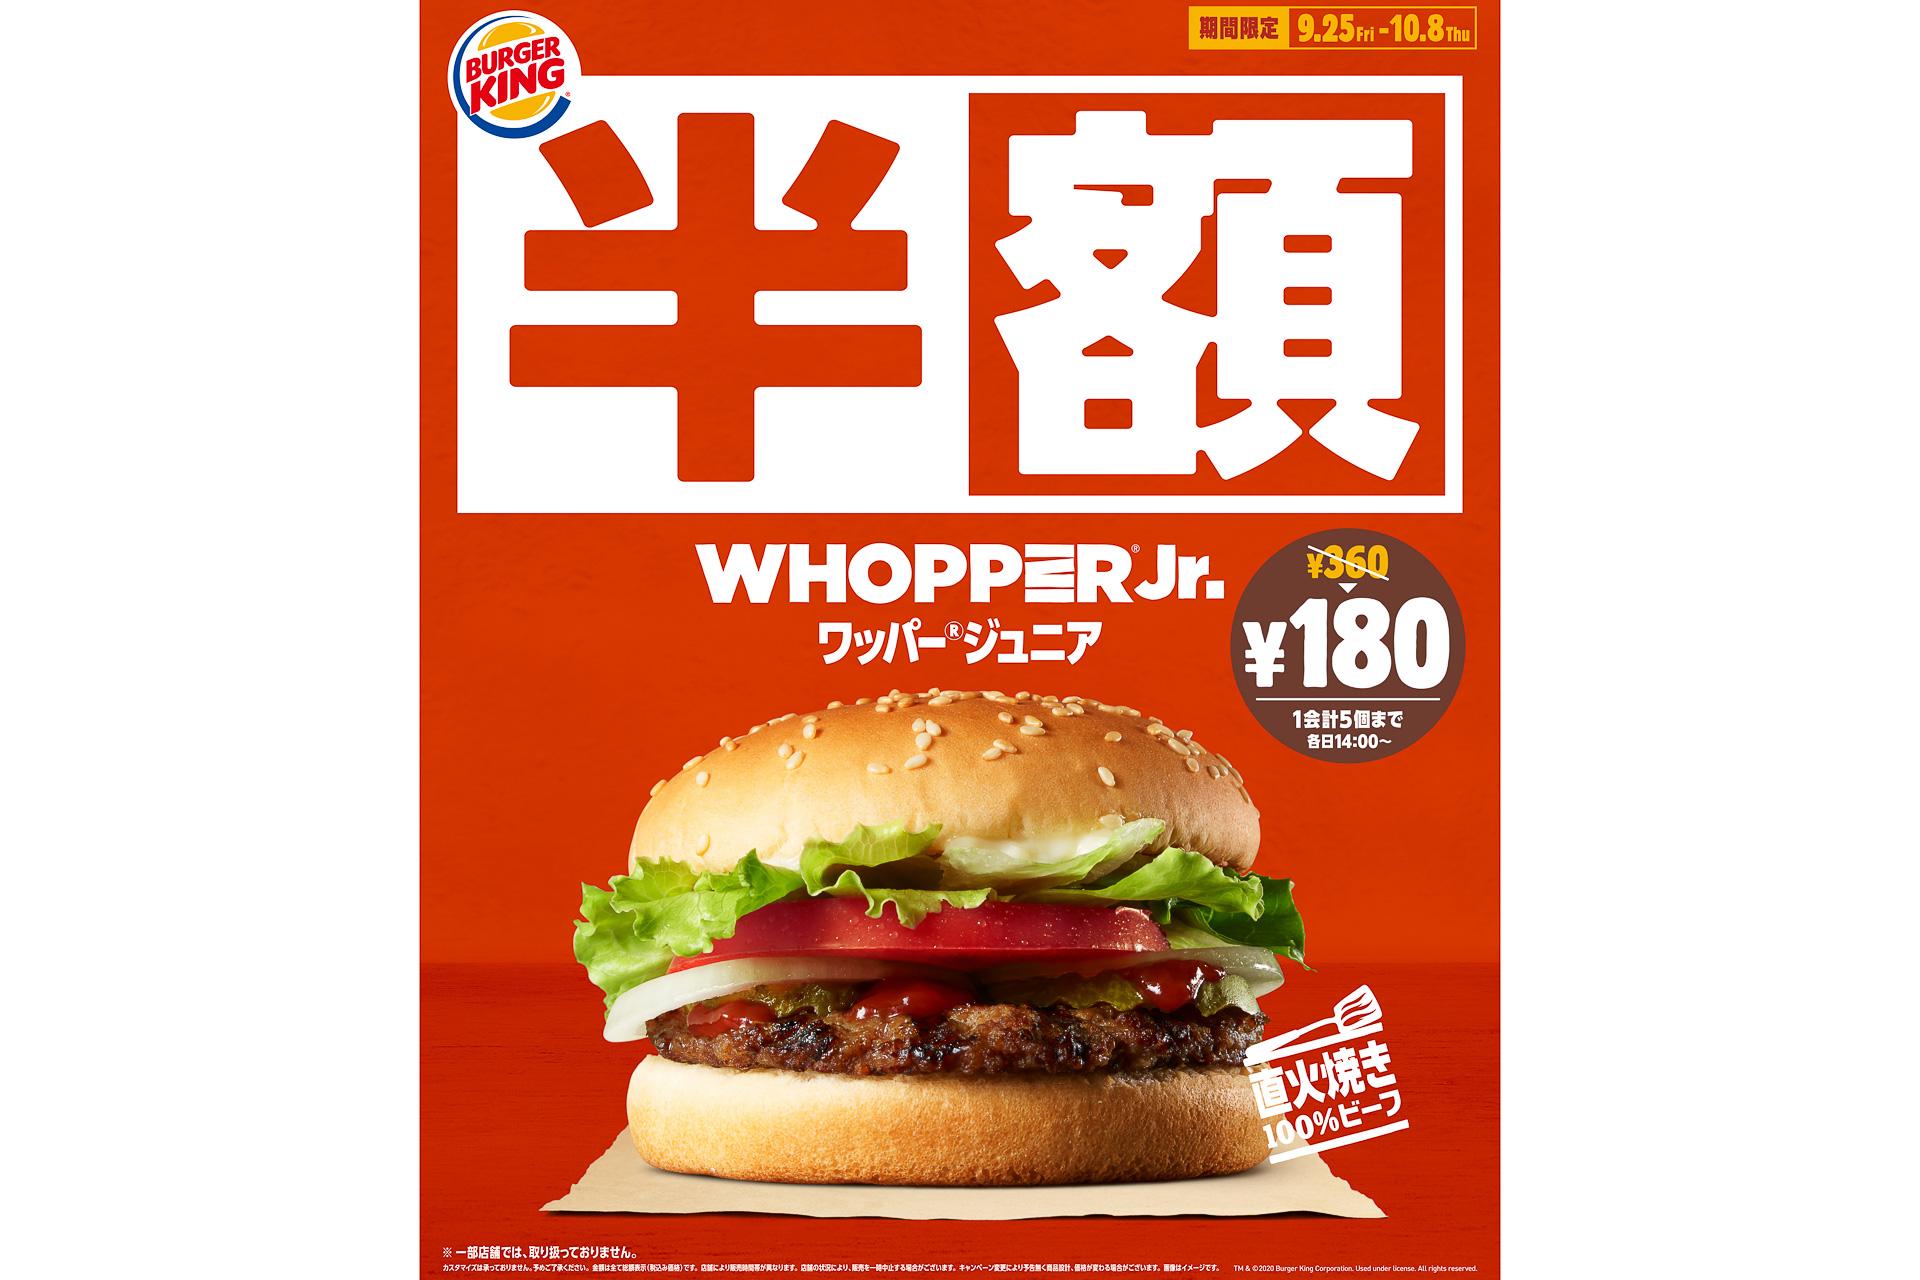 注文 バーガー キング ピックアップ